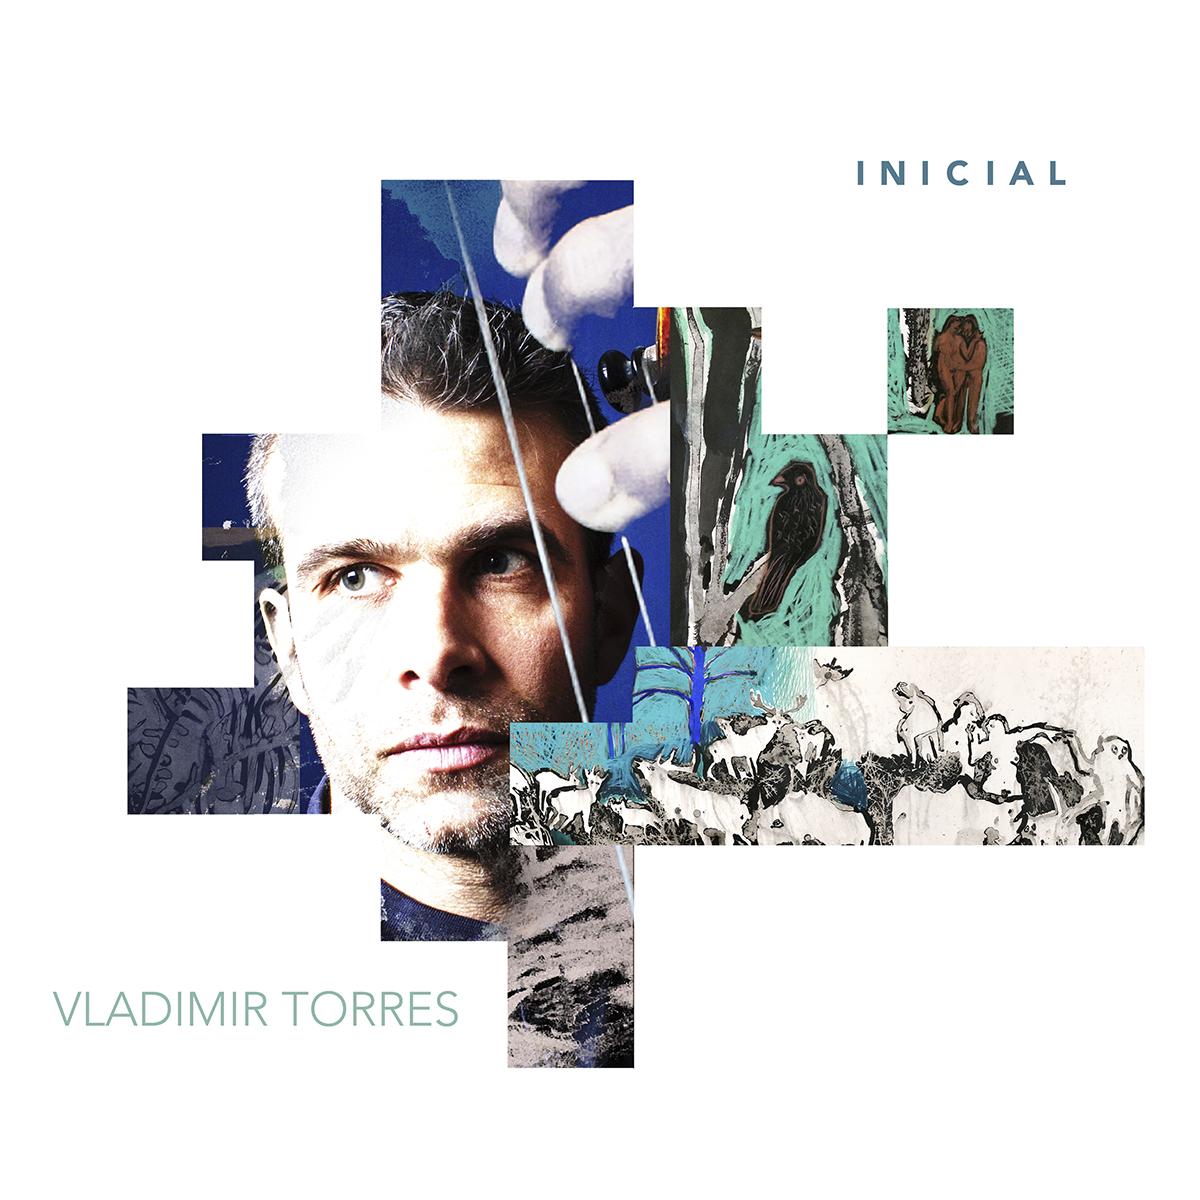 Couverture CD Vladimir Torres